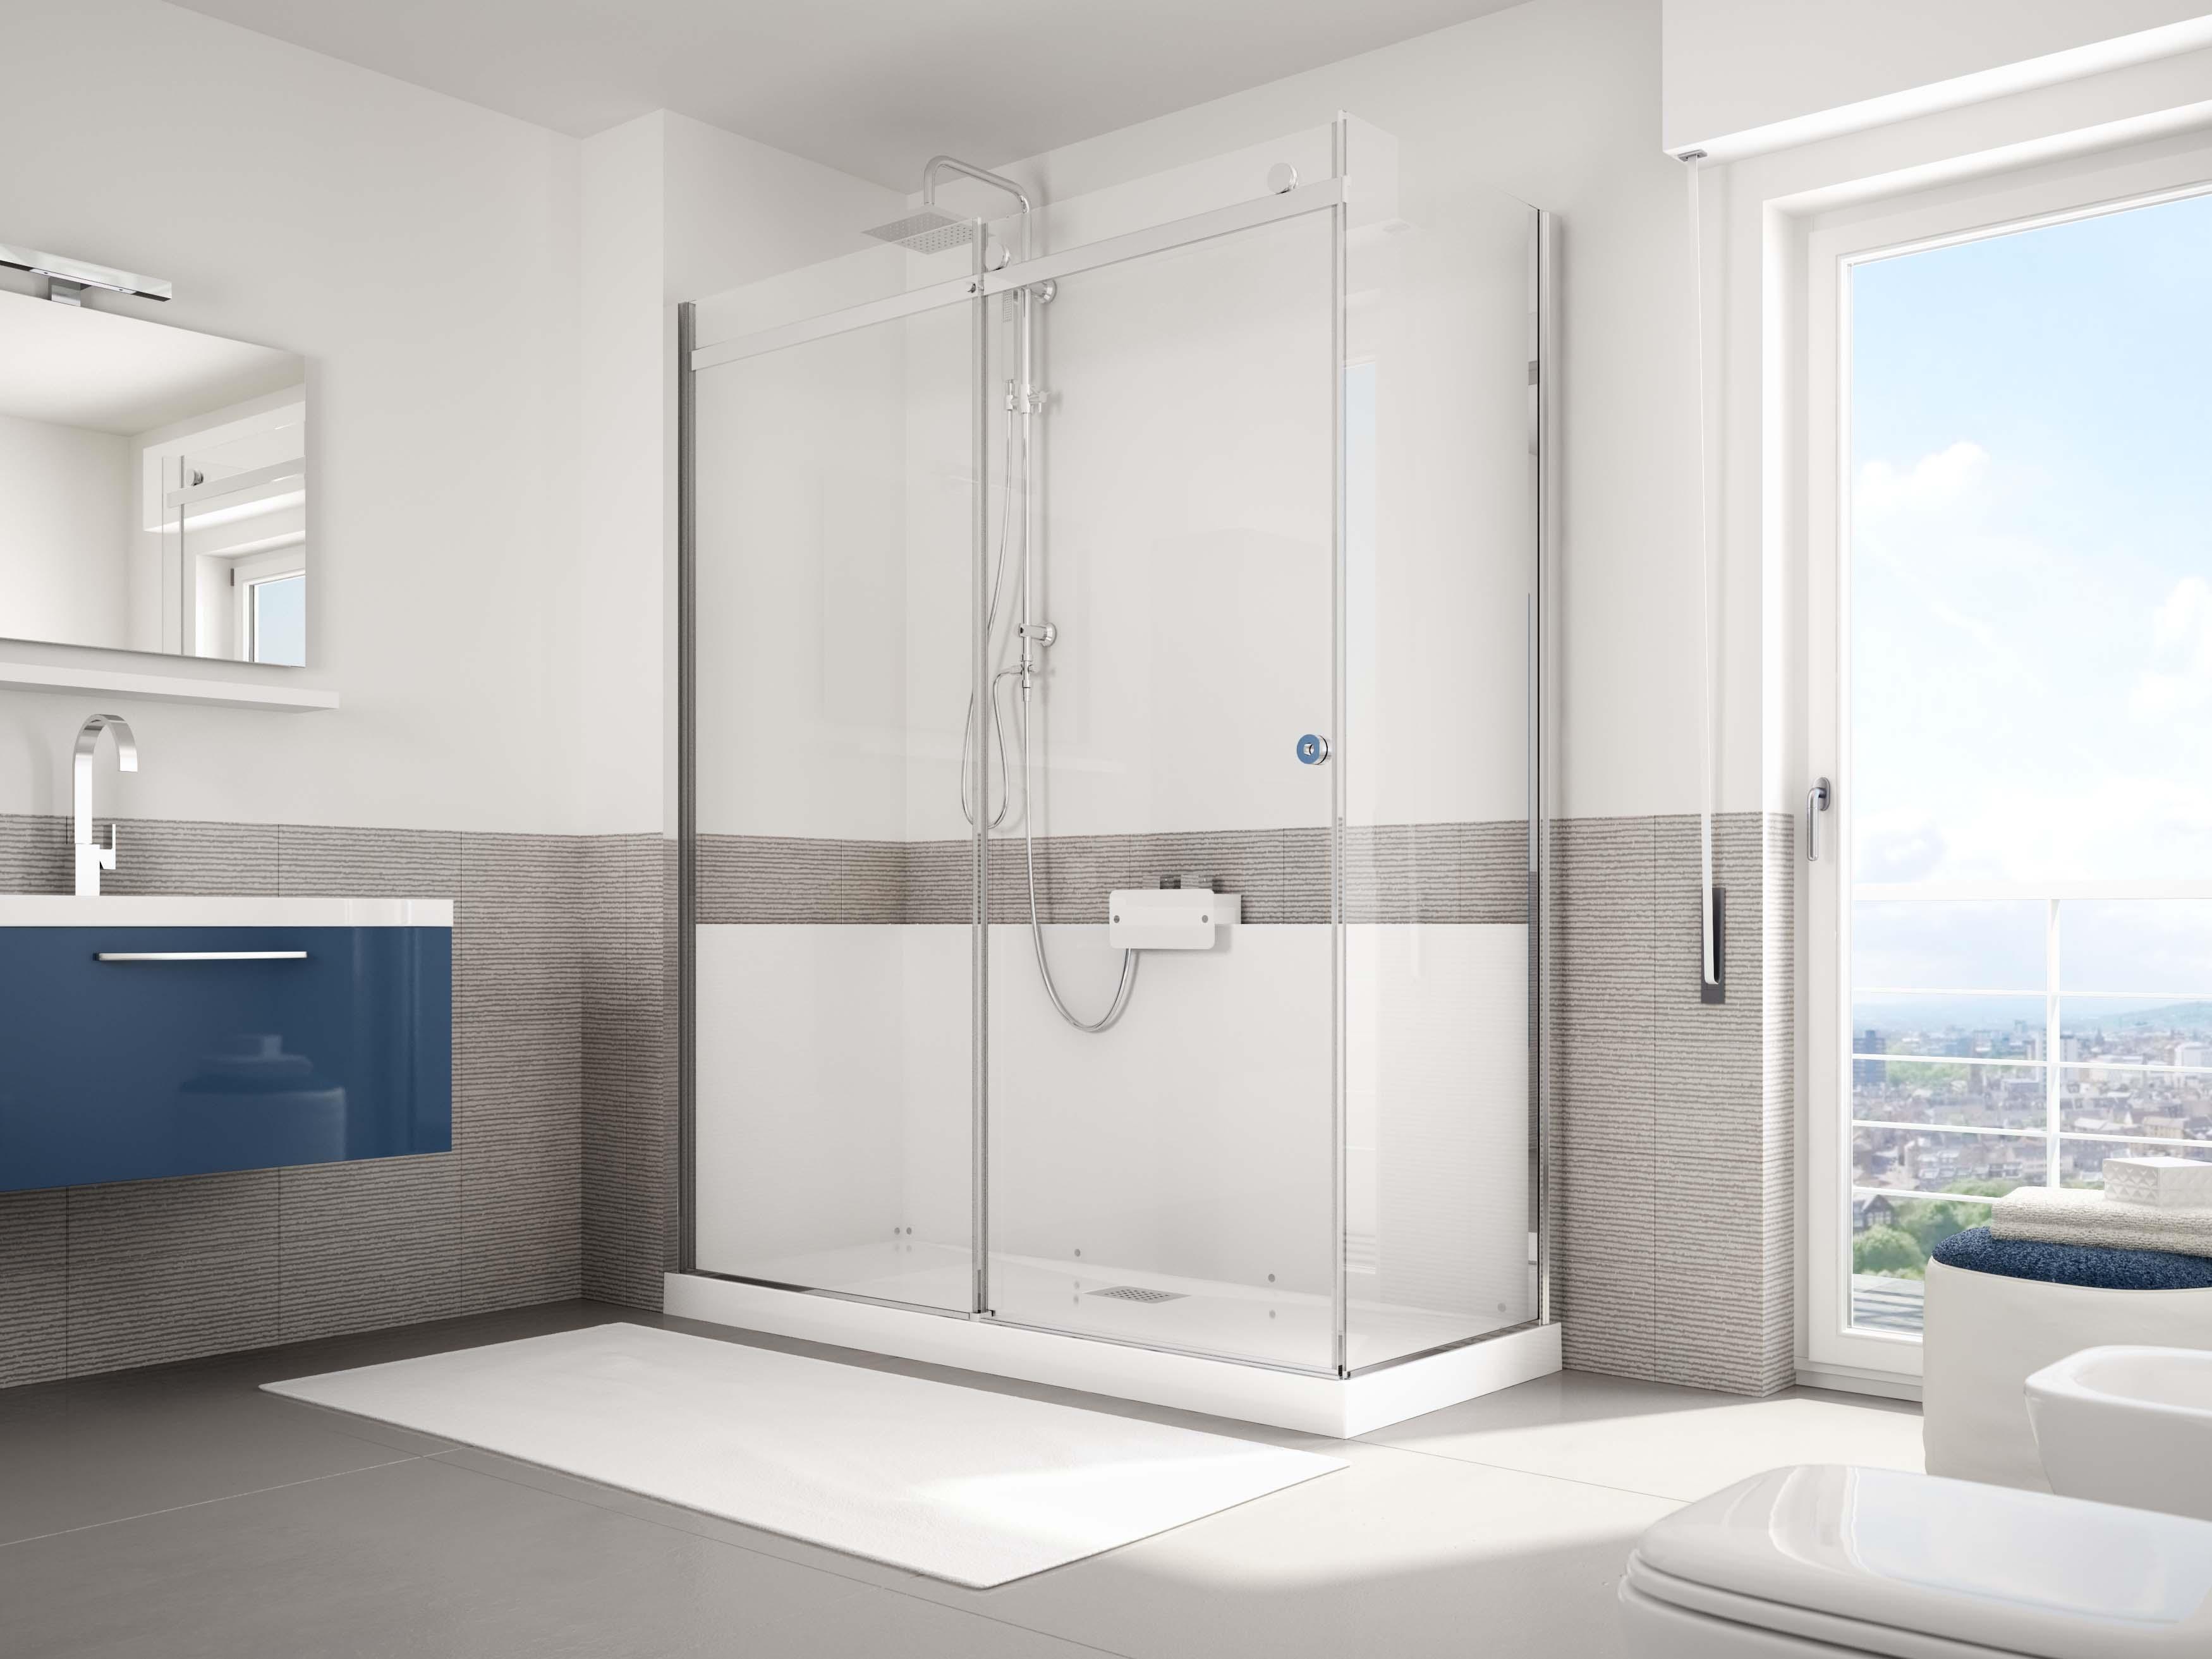 Grandform g magic 170x70 sconto 40 trasforma la tua vasca in una doccia arredo bagno a prezzi - Mobilbagno ozzano ...